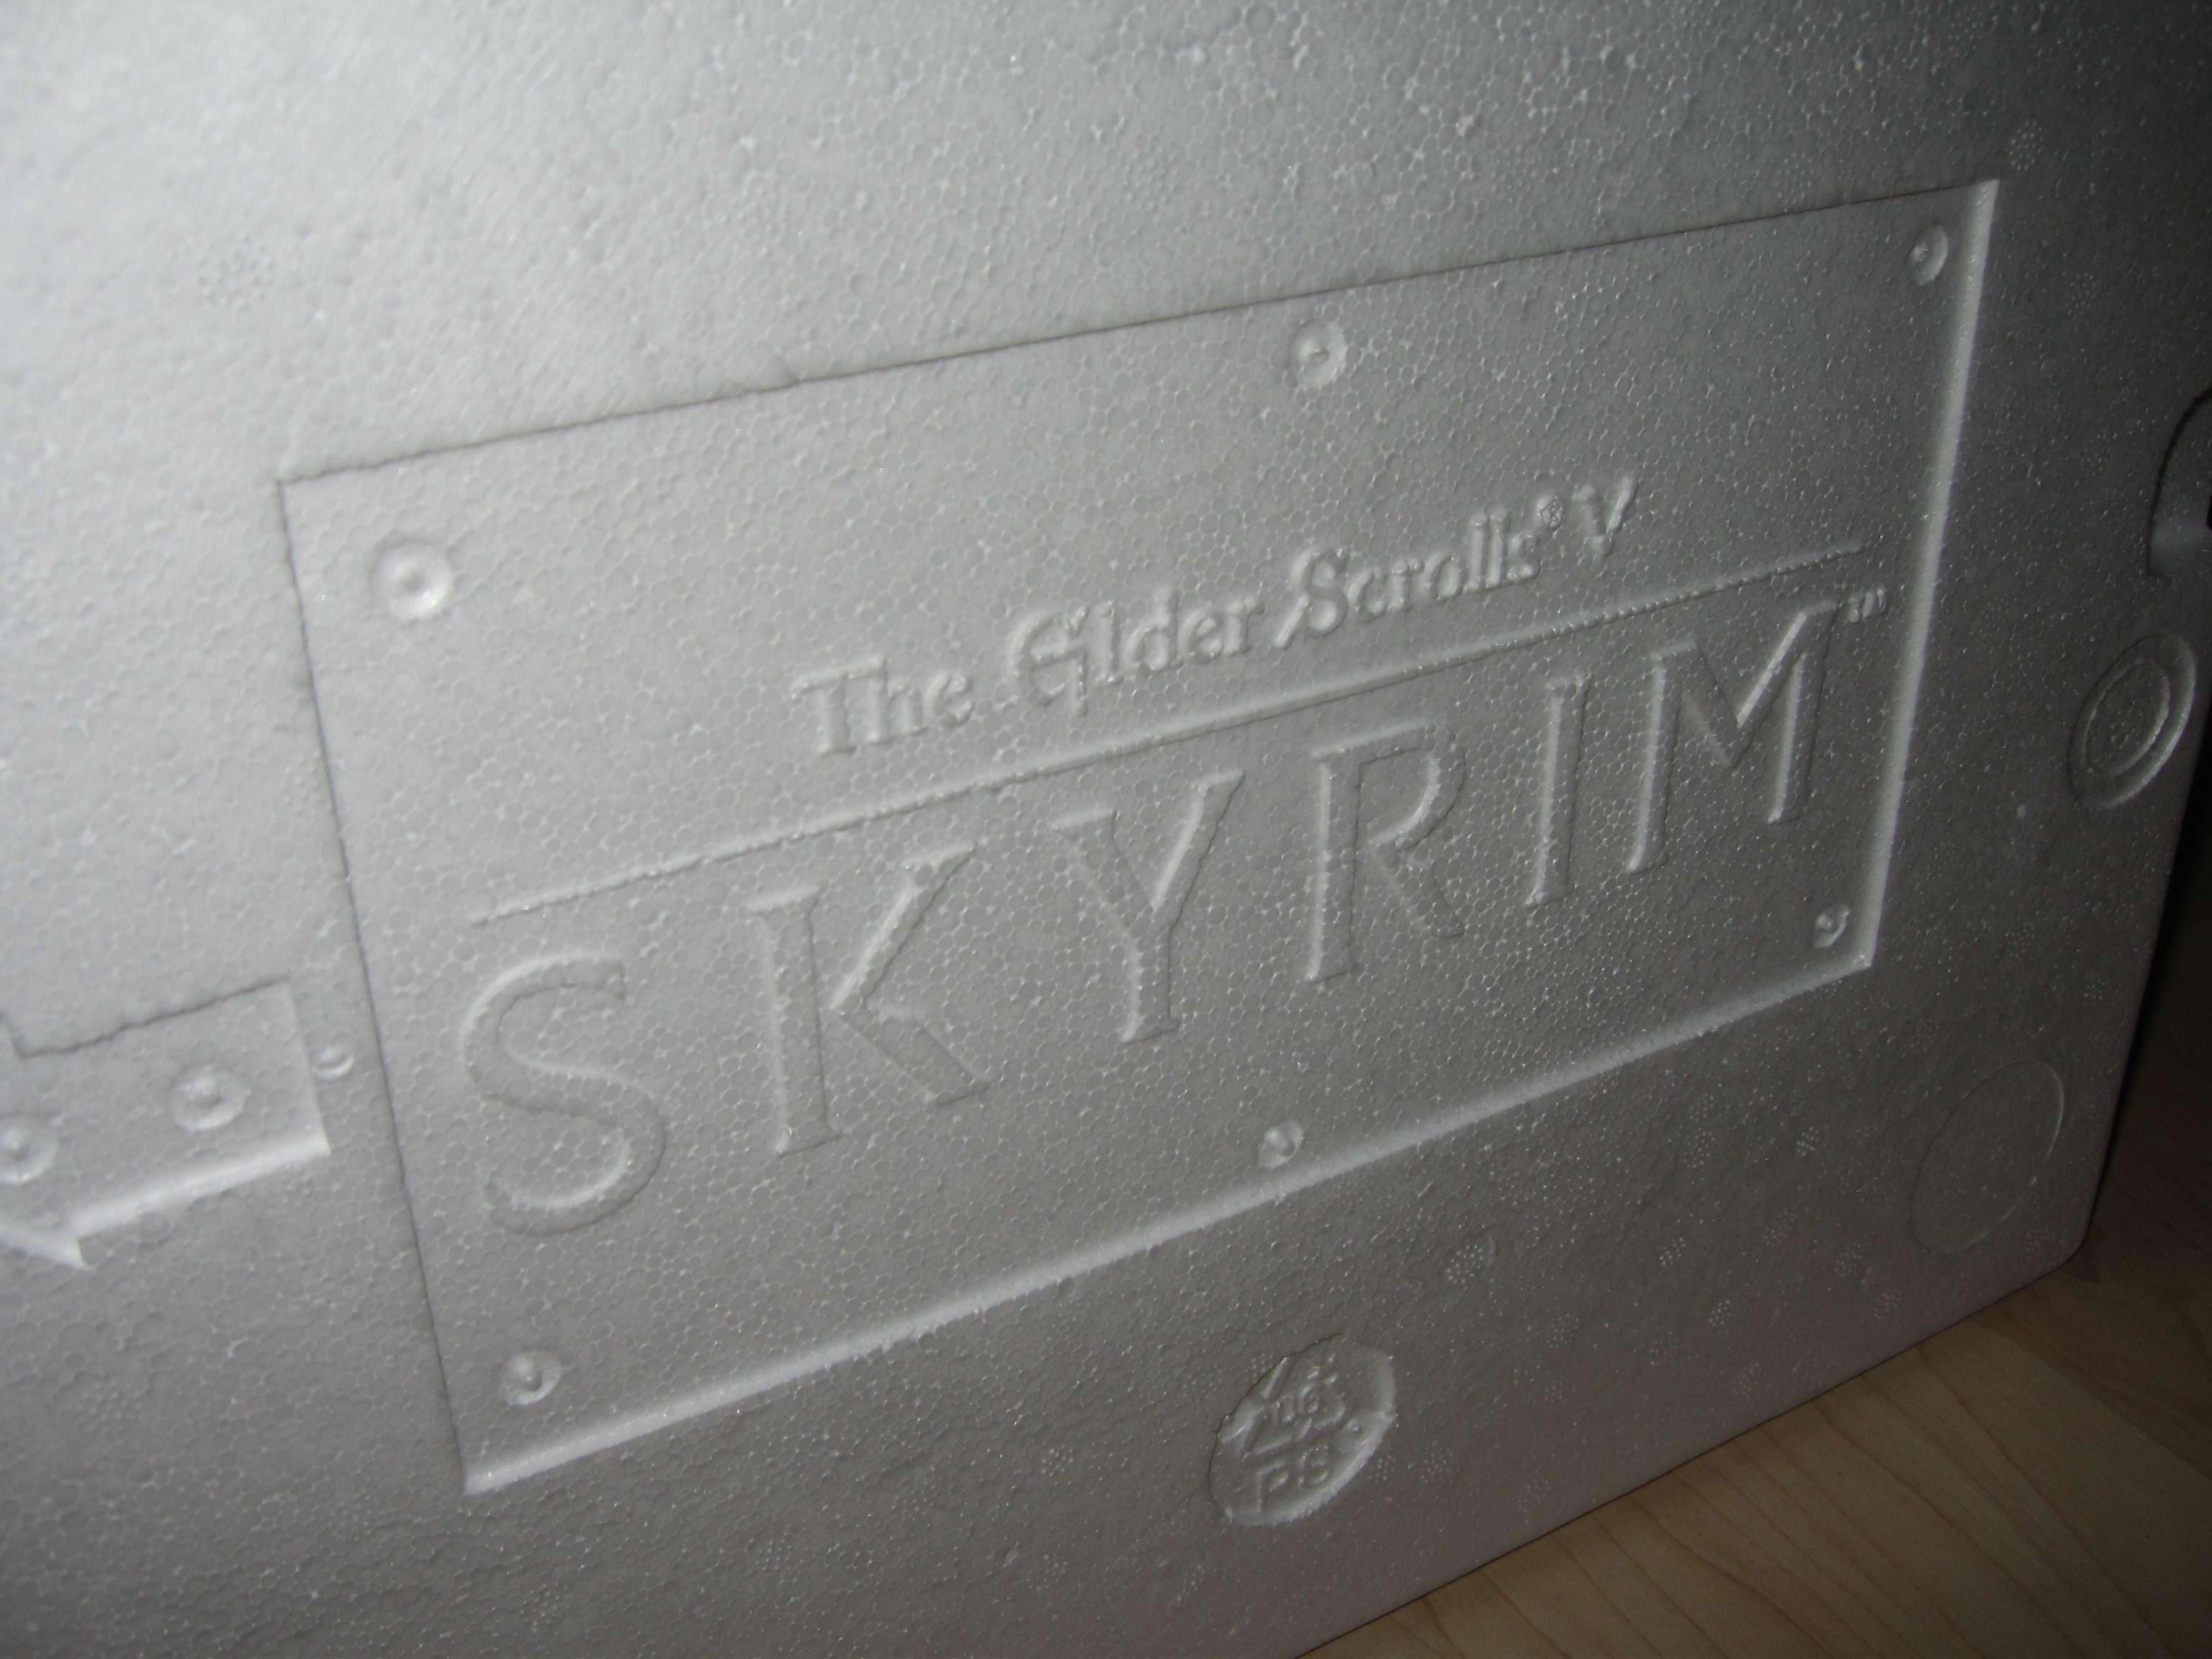 Skyrim Collectors Edition